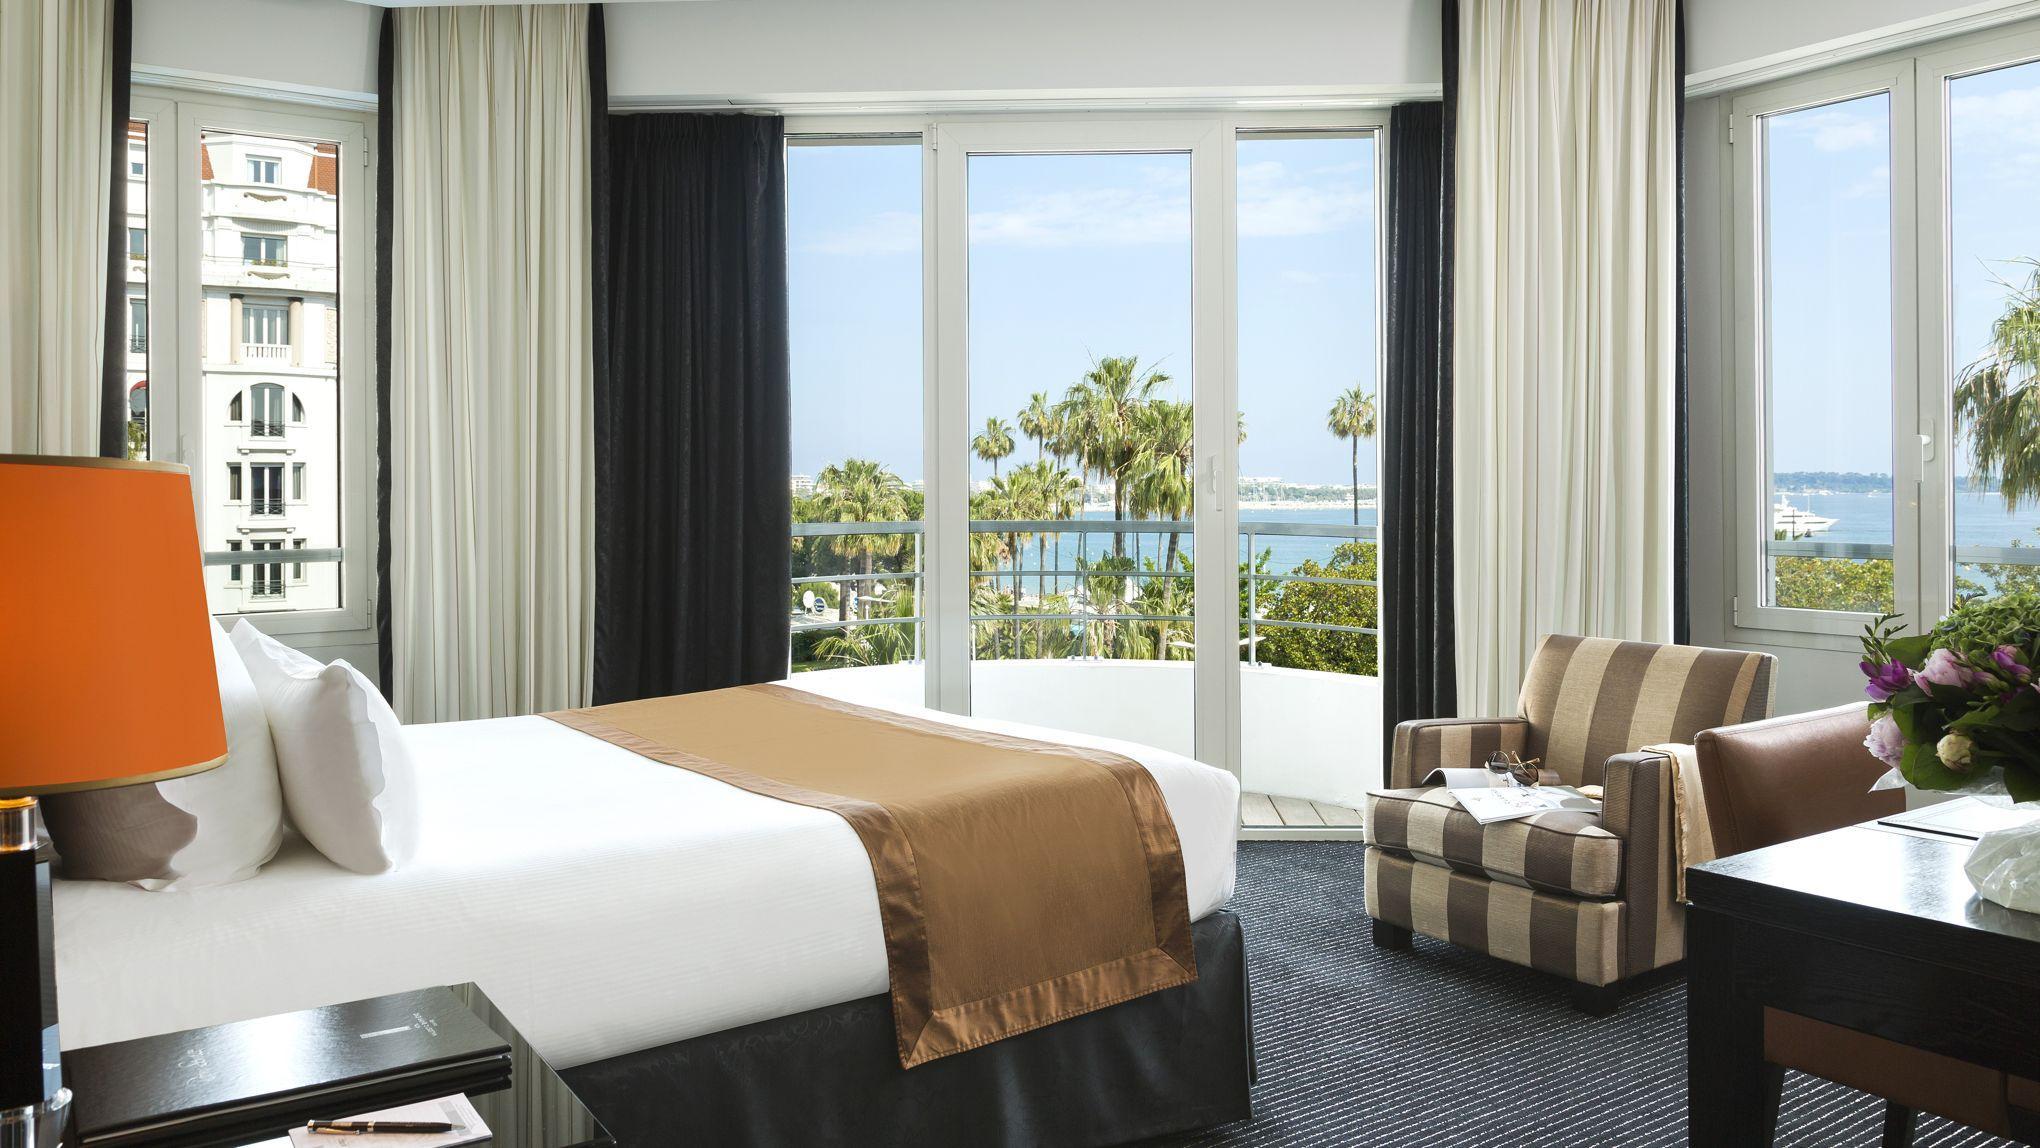 Nous Avons Teste Une Nuit A Lhotel Majestic Cannes